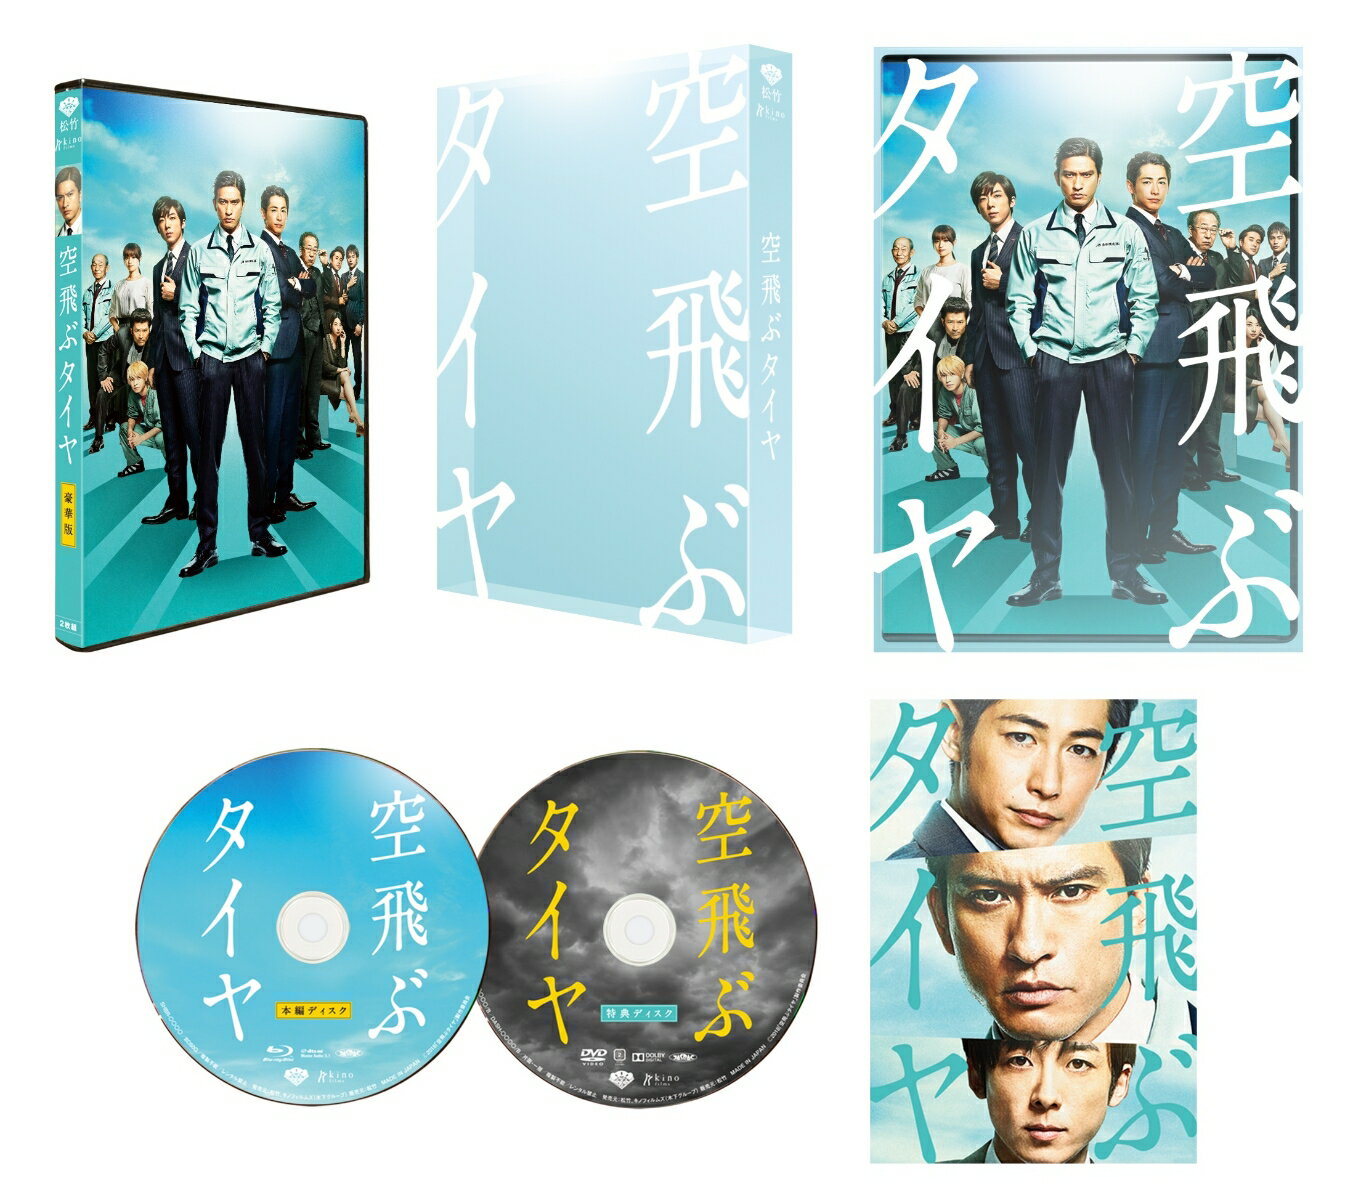 空飛ぶタイヤ 豪華版(初回限定生産)【Blu-ray】